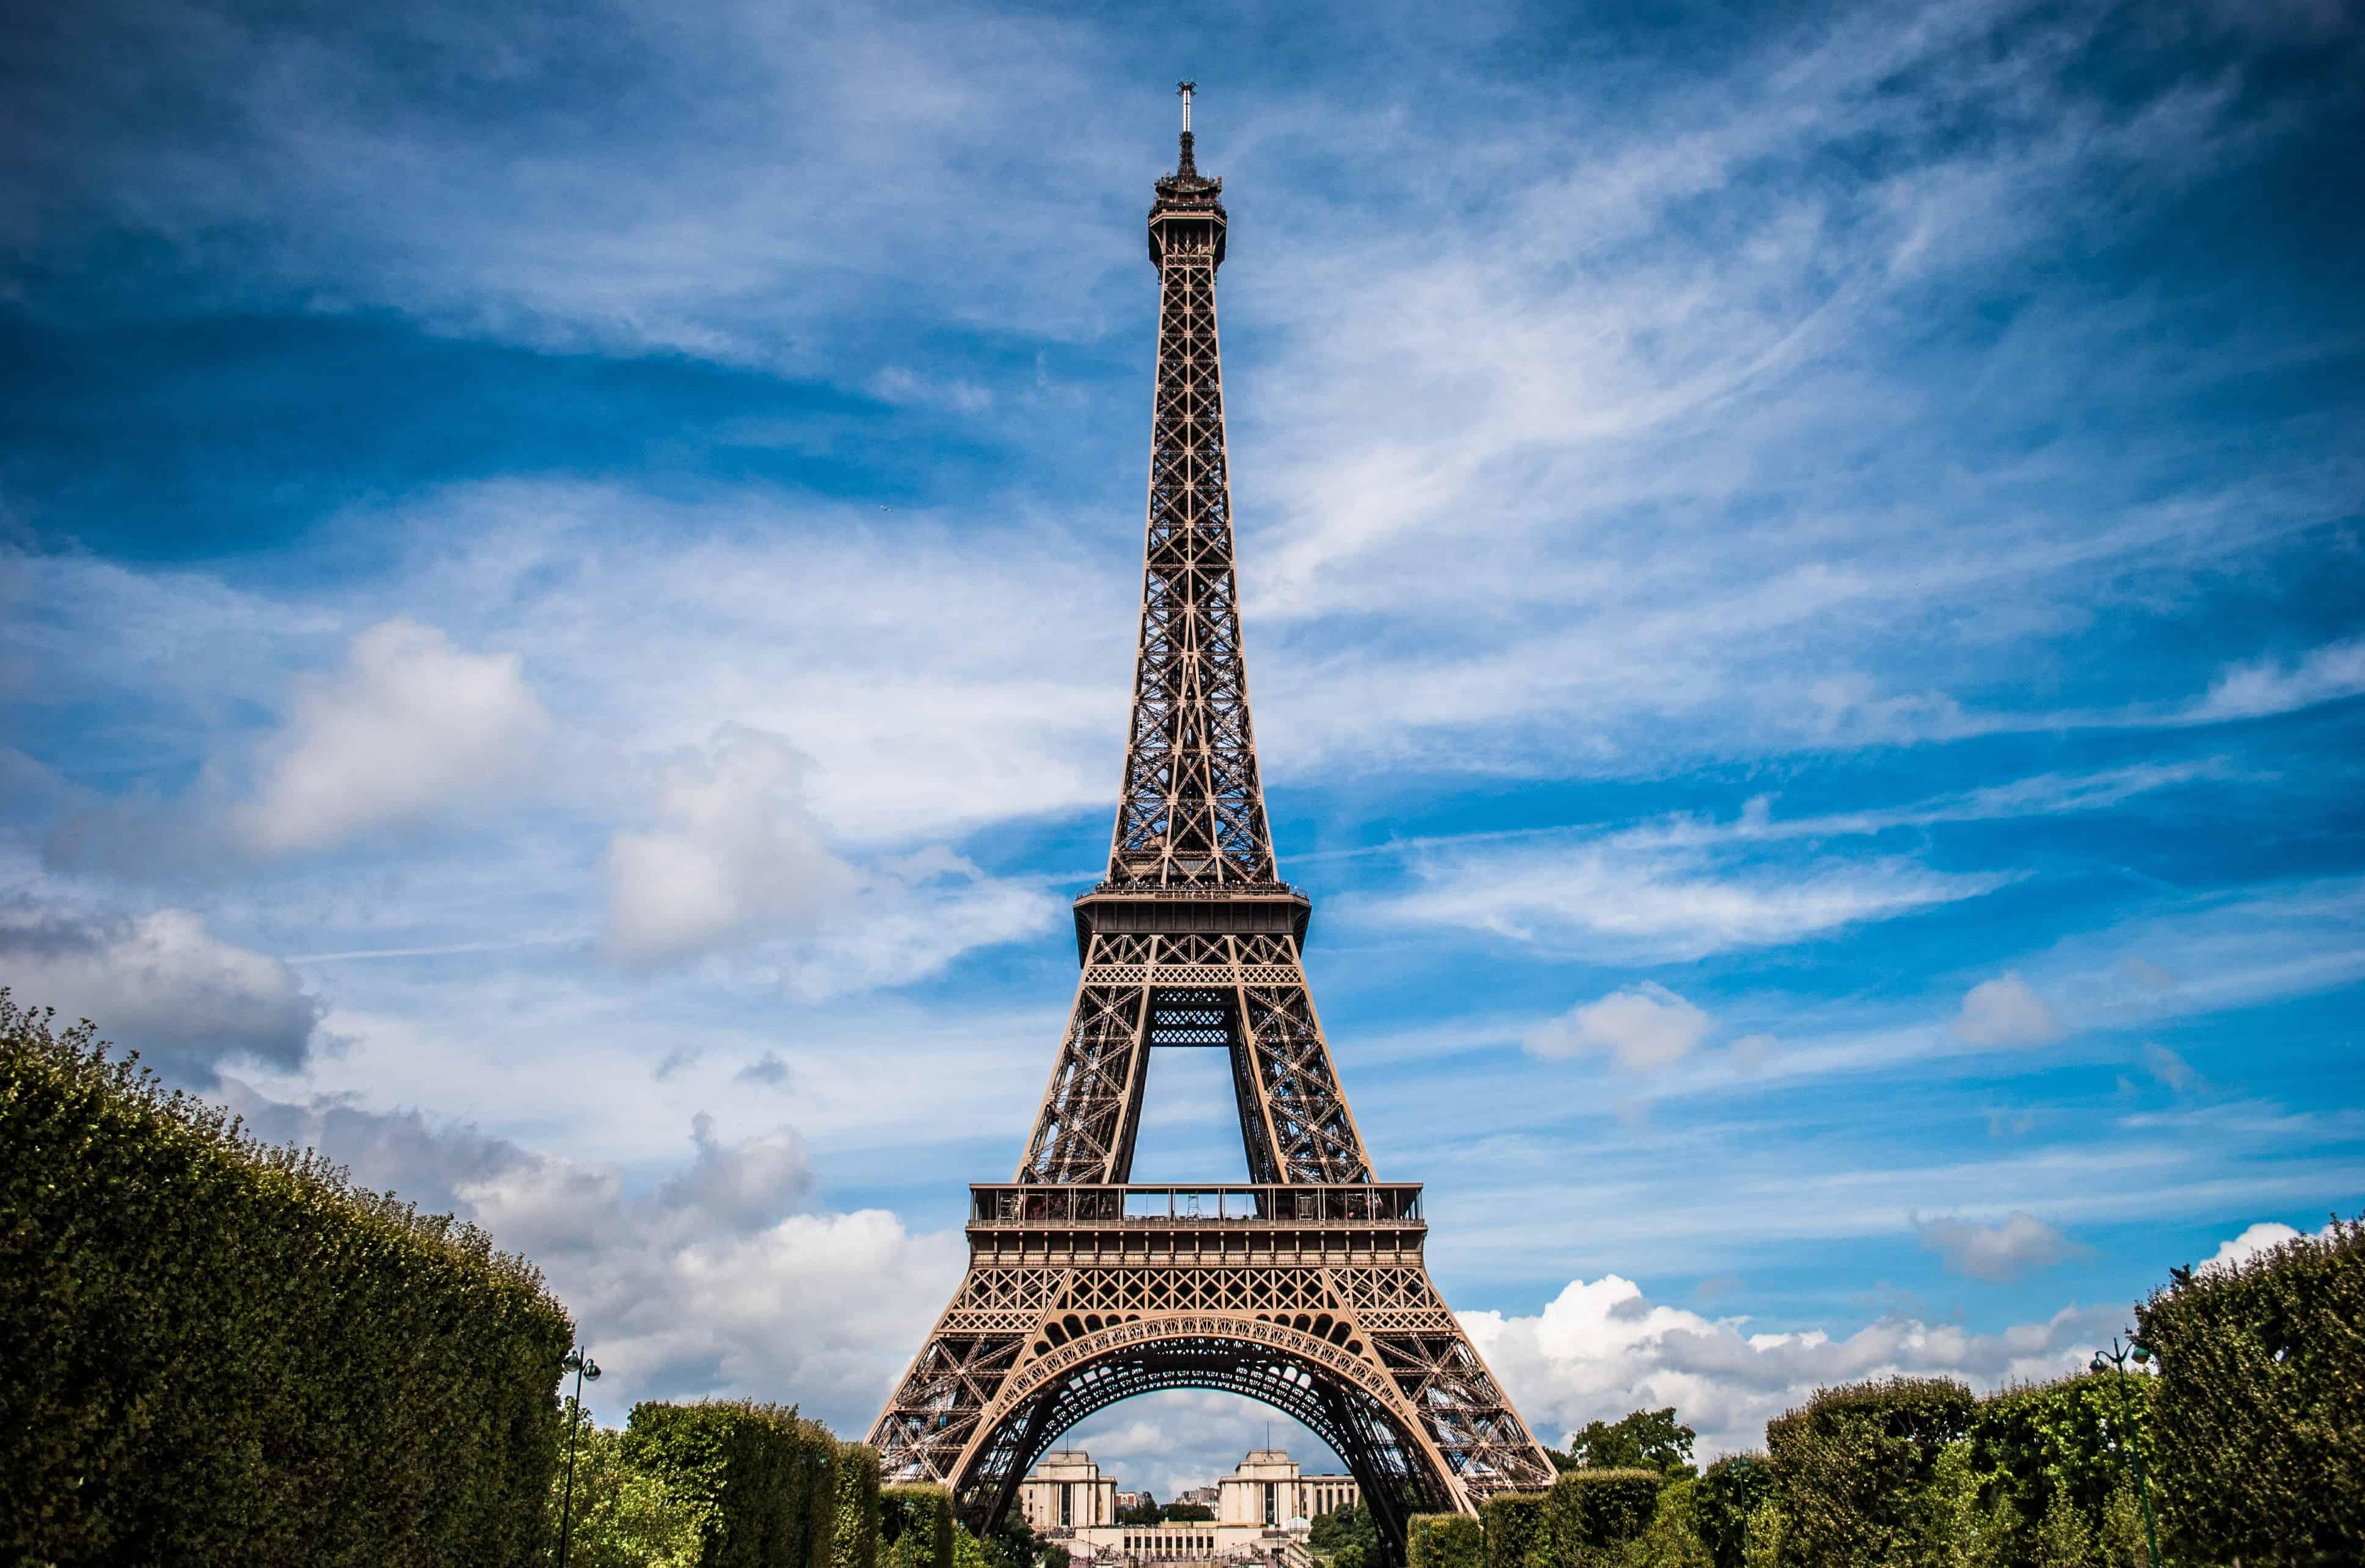 eiffel-tower-975004